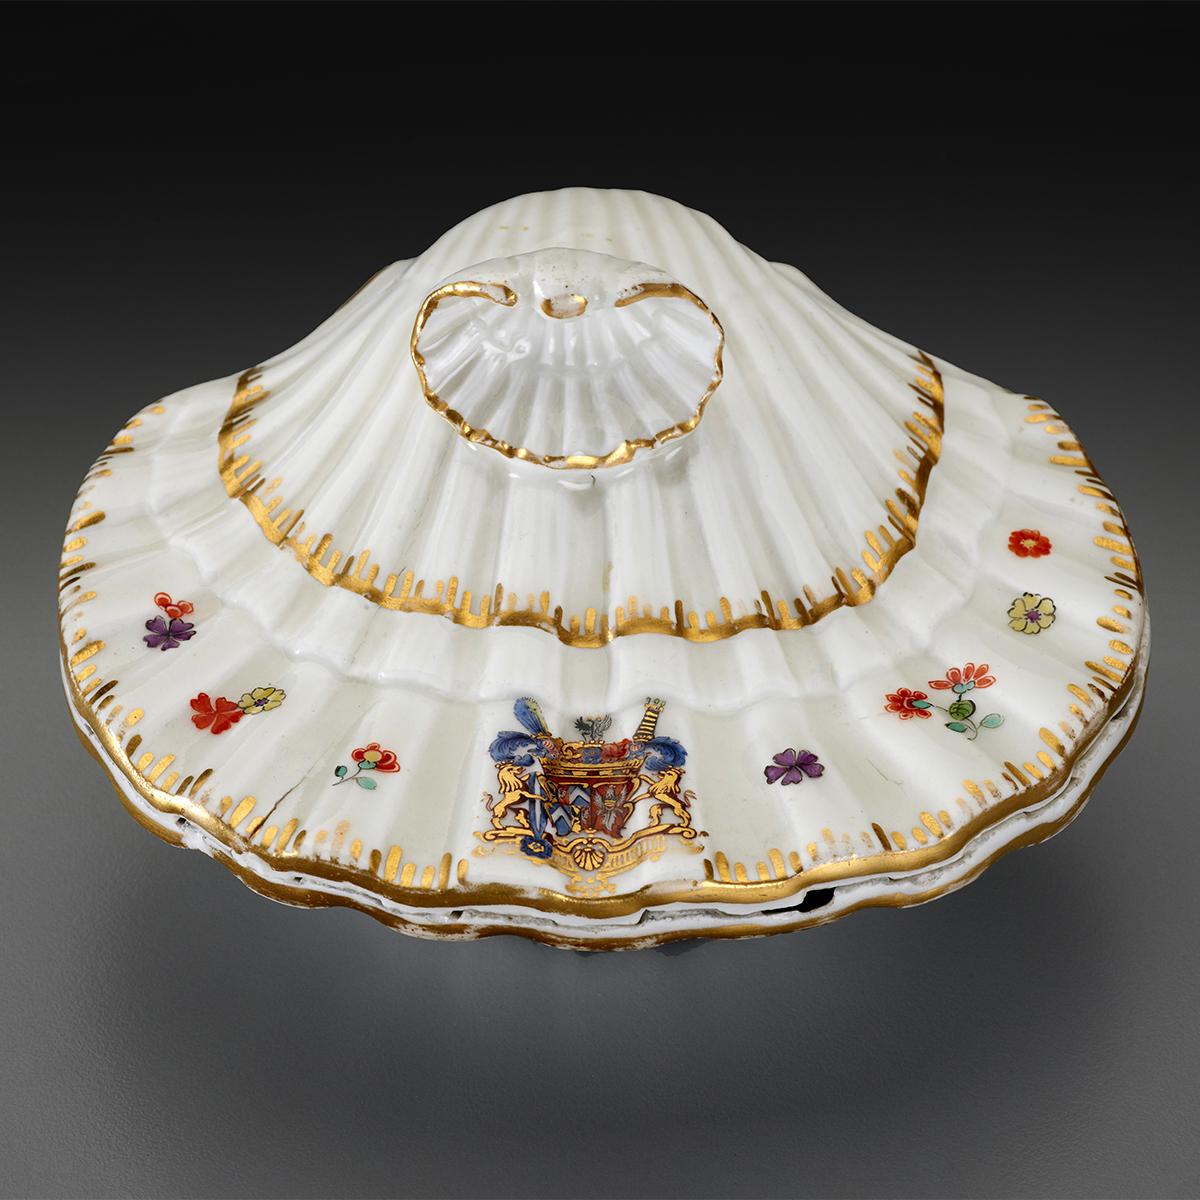 Porcelain spicebox shaped like a shell